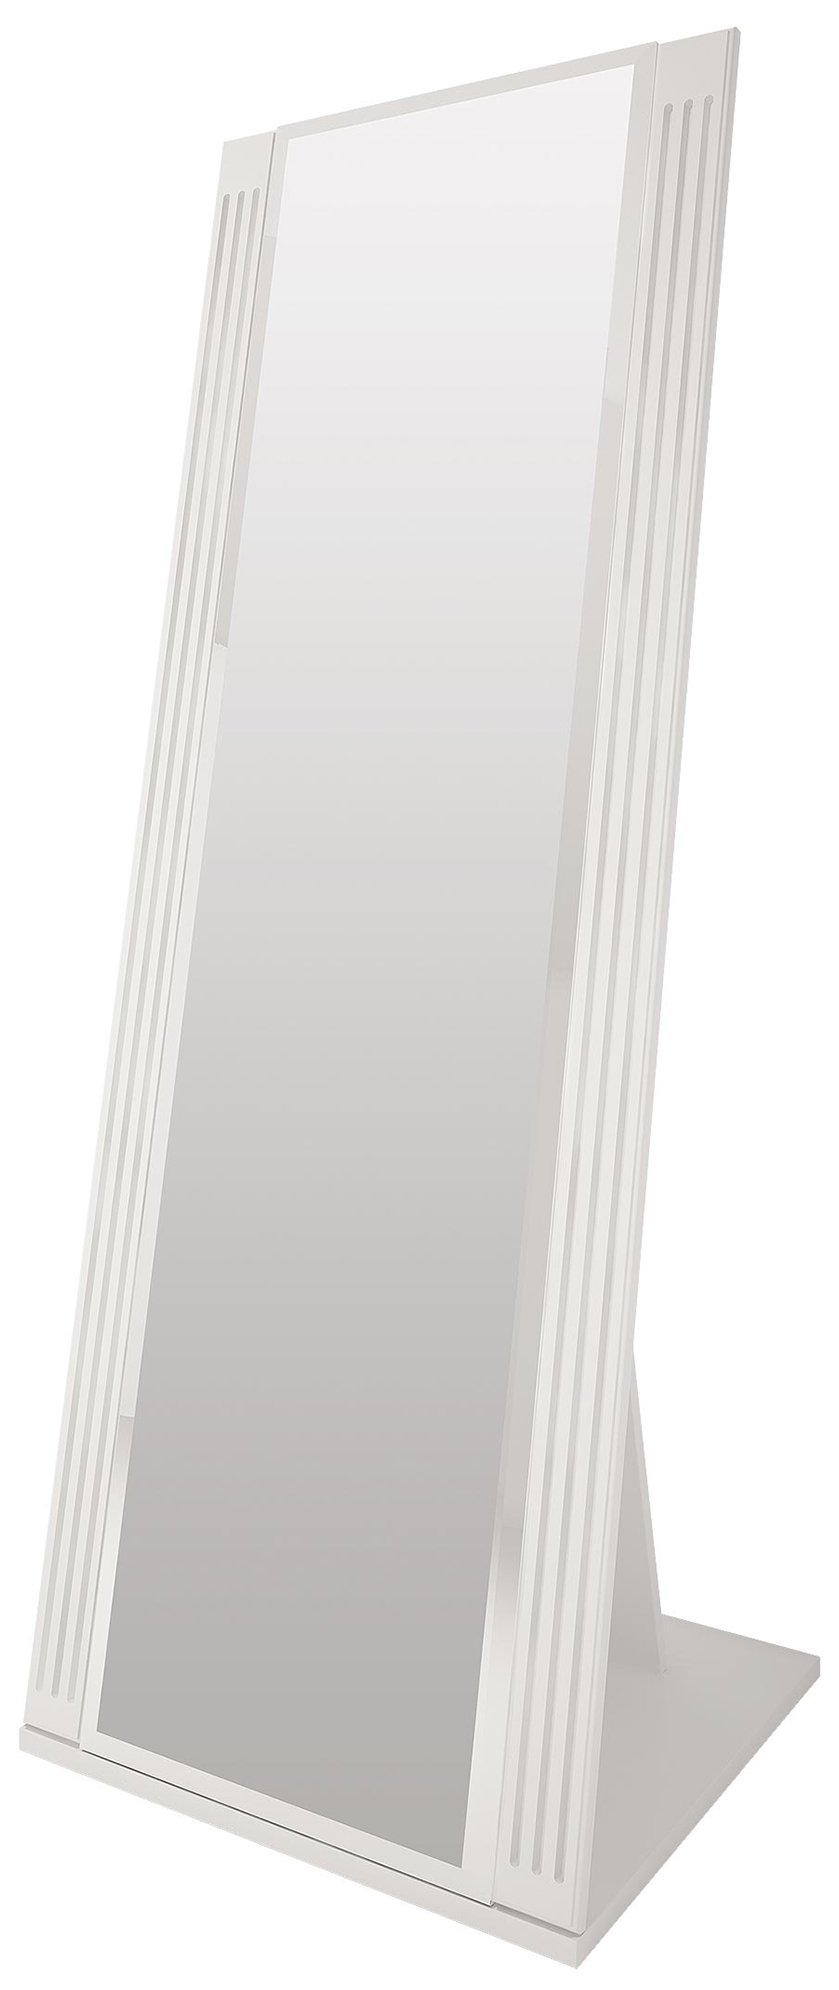 Зеркало напольное Ижмебель Виктория 8 IZH_T0014161 61,2х151